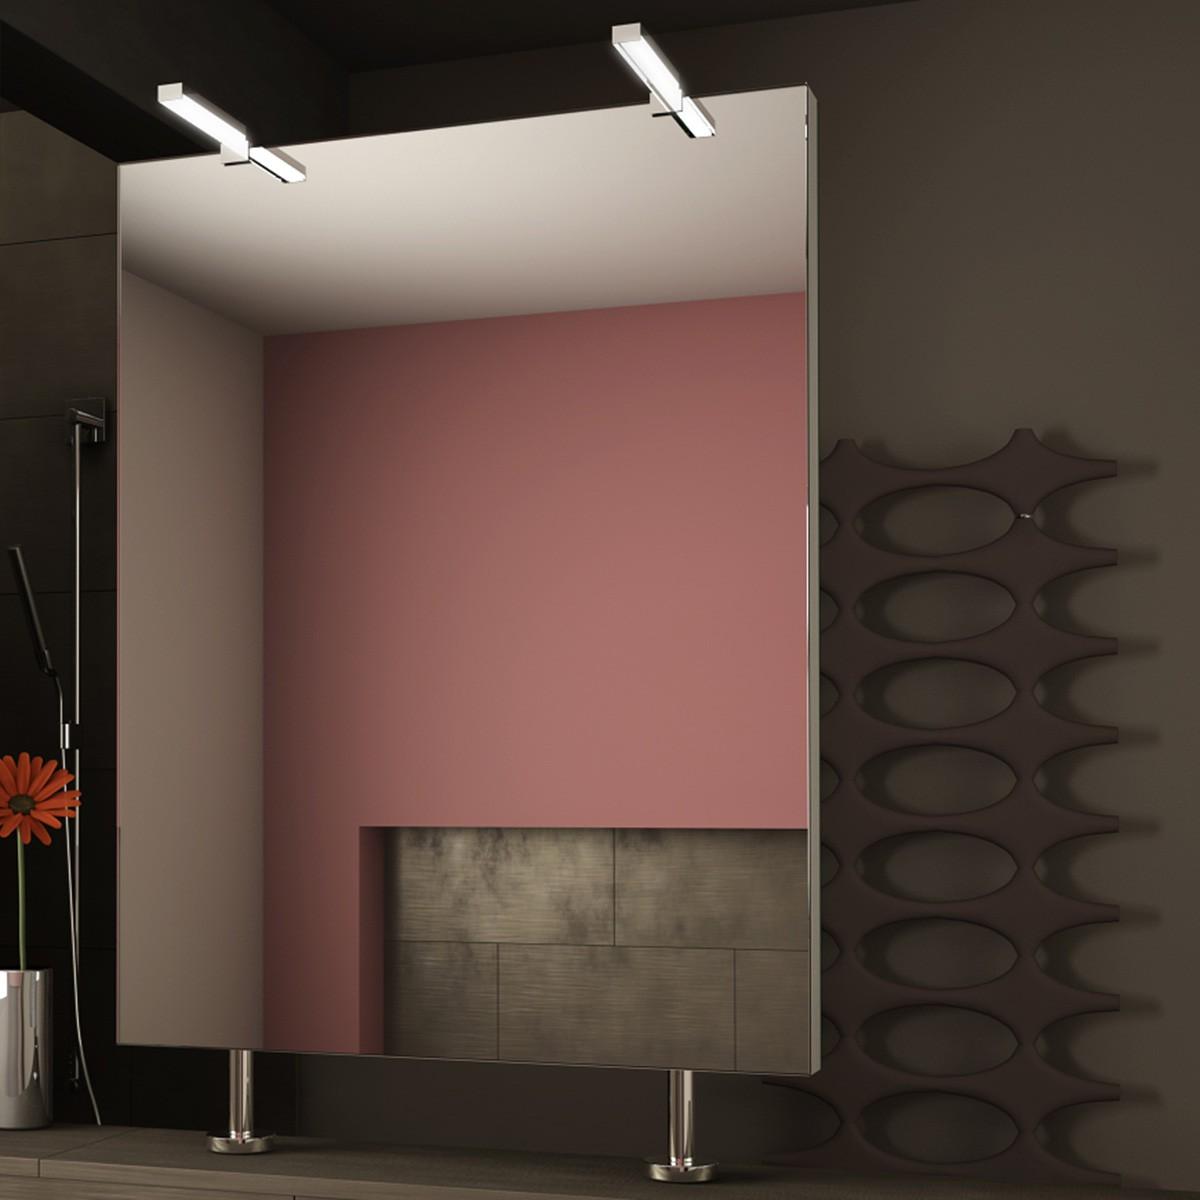 spiegel raumteiler leuchte elena exklusive spiegel spiegel. Black Bedroom Furniture Sets. Home Design Ideas